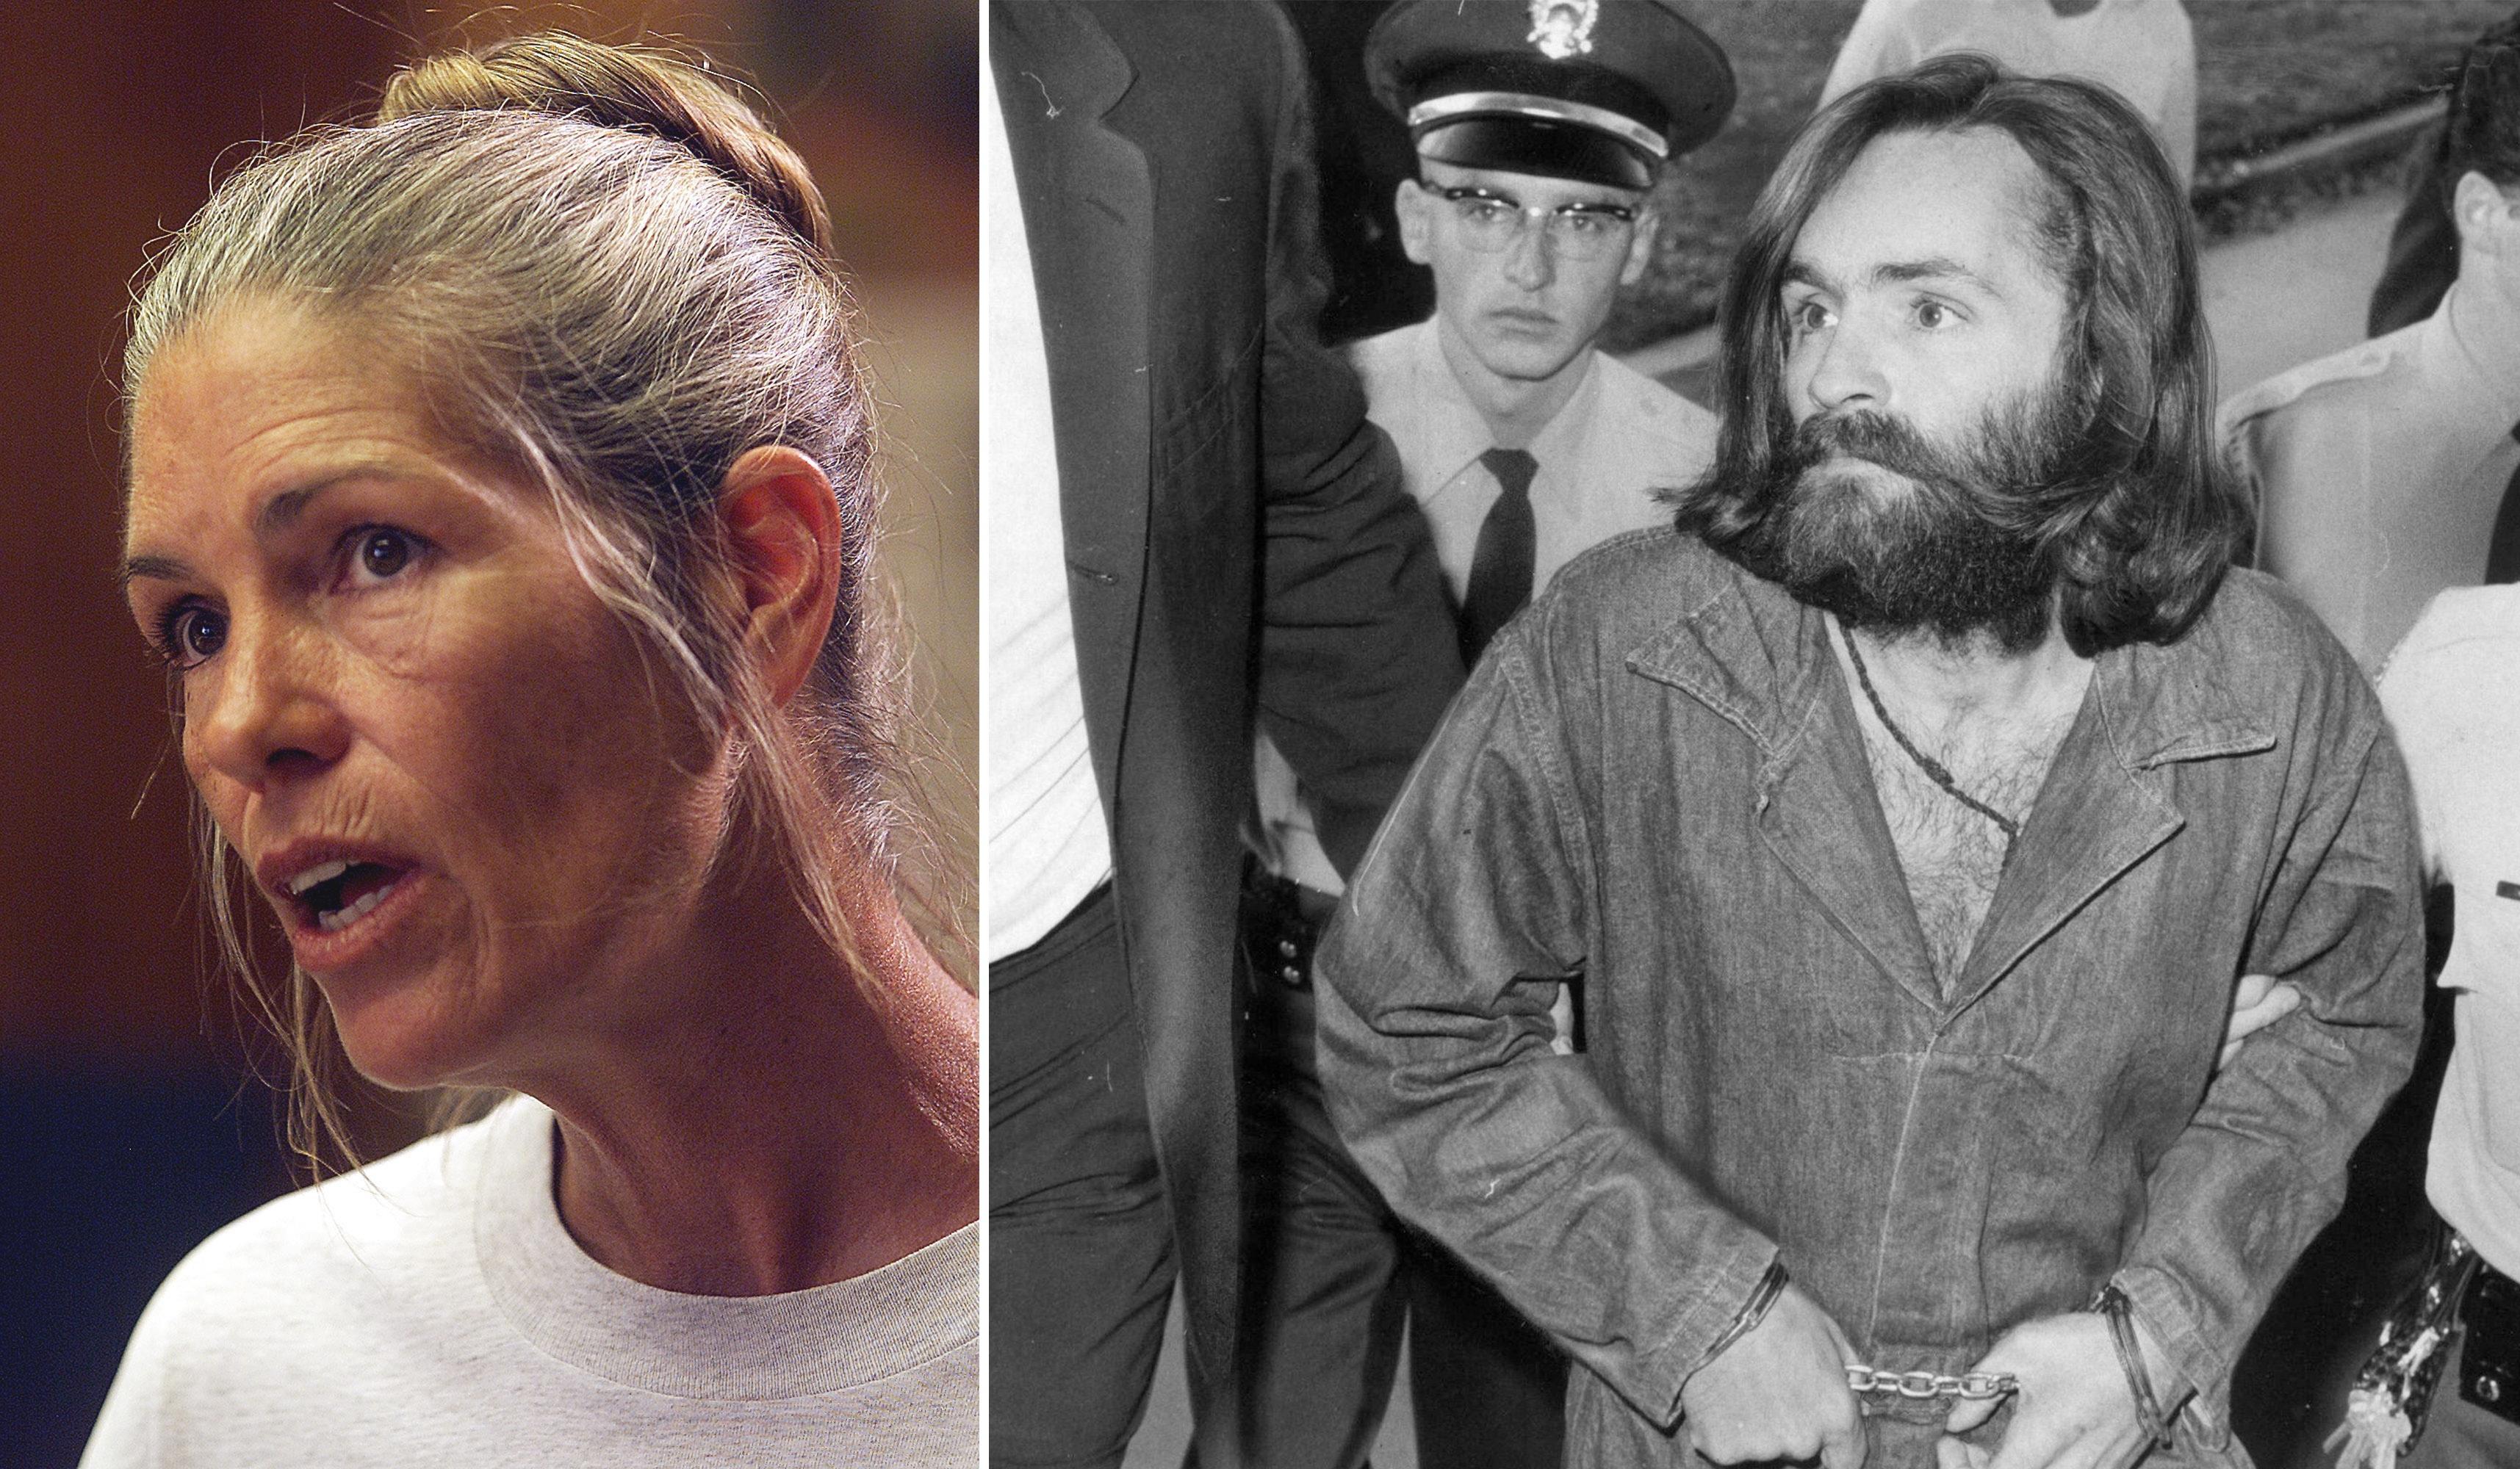 Will Leslie Van Houten Be Released? Manson Follower Seeks Parole